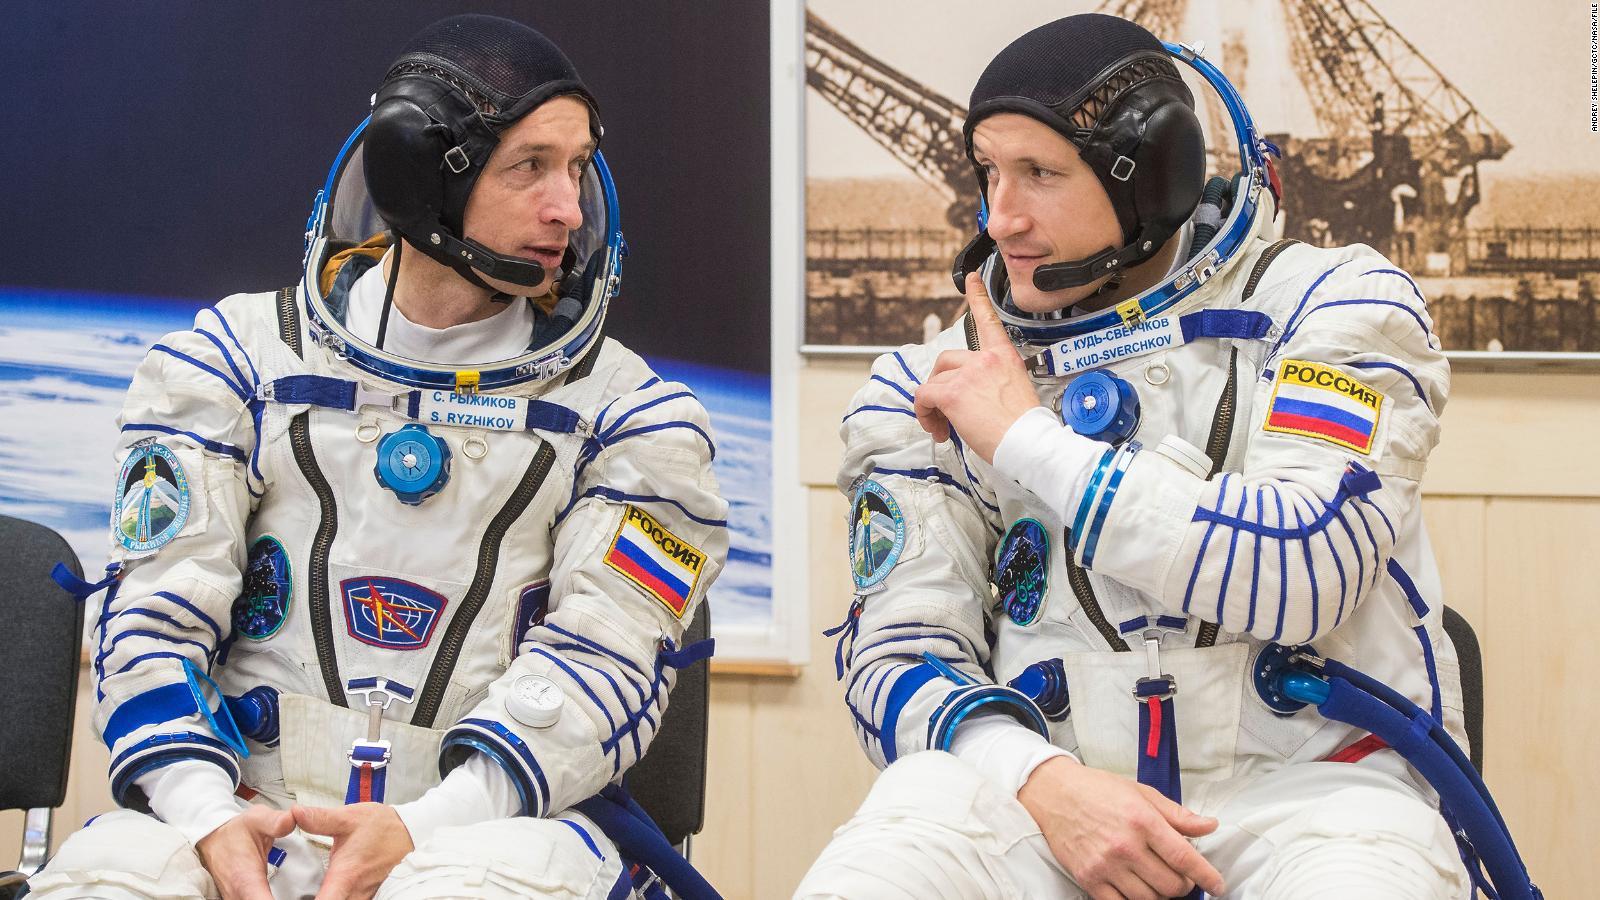 Caminata de astronautas rusos prepara a la estación espacial para nuevo  módulo | Video | CNN